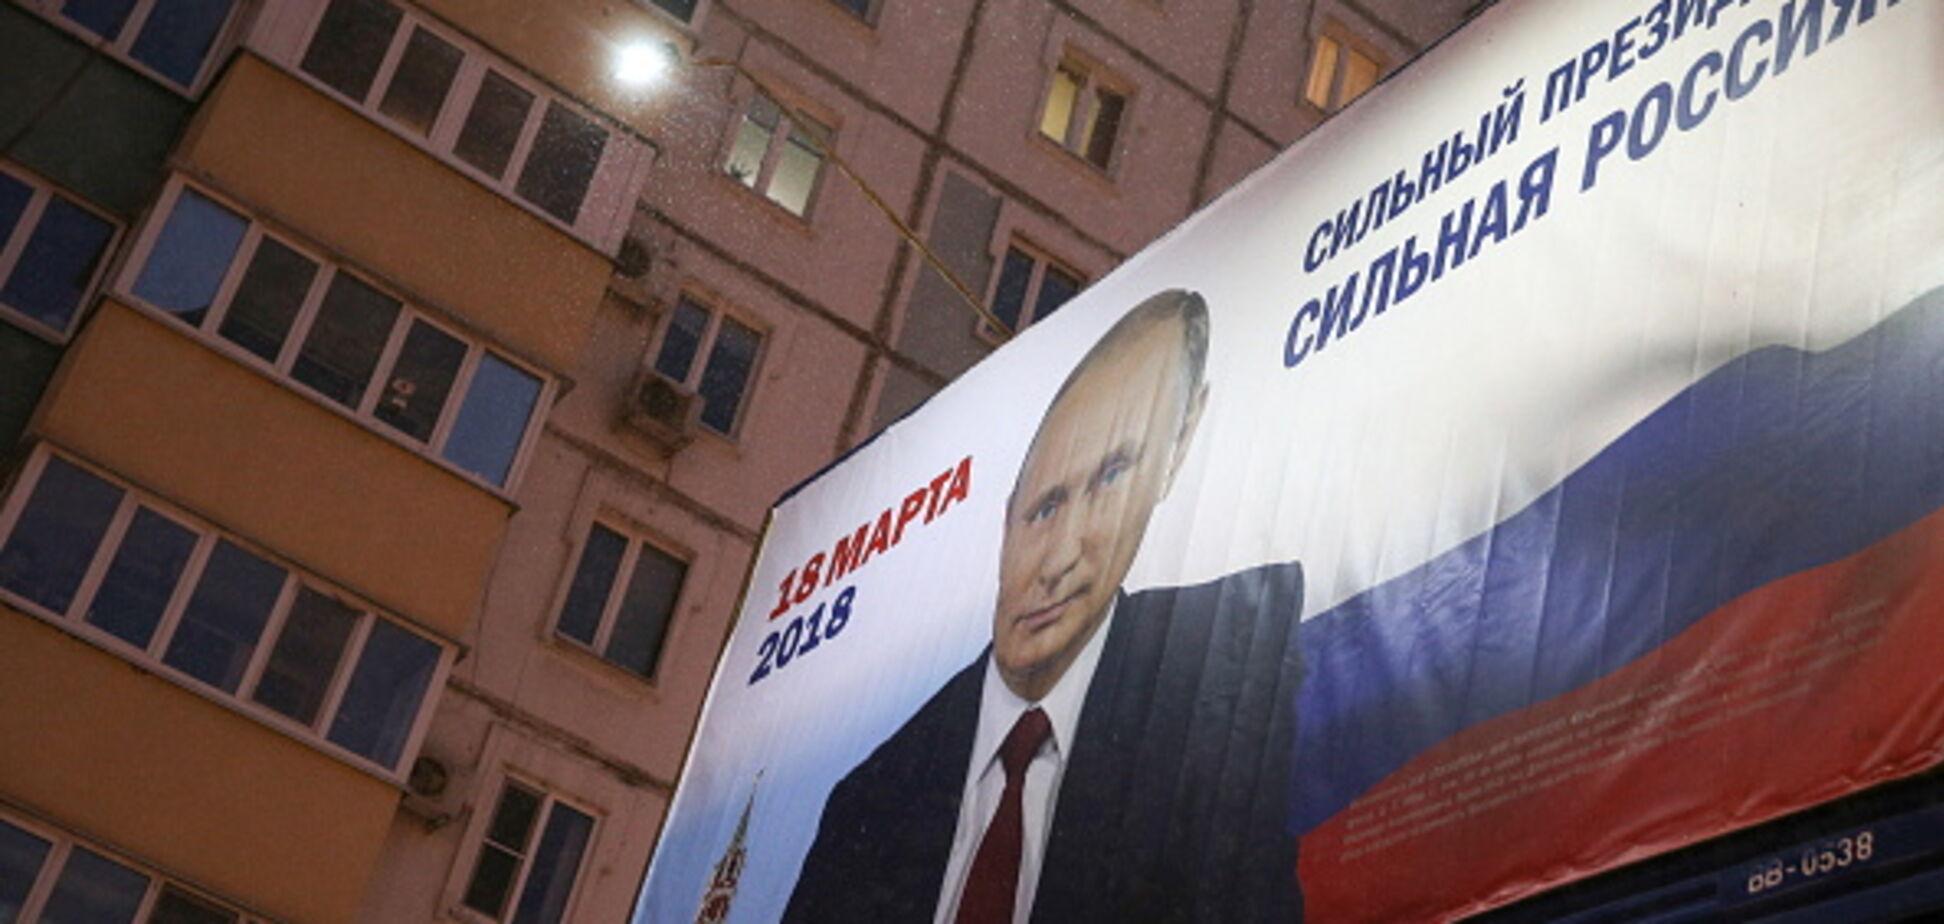 Казково: зухвалий випад проти Путіна обіграли міткою карикатурою